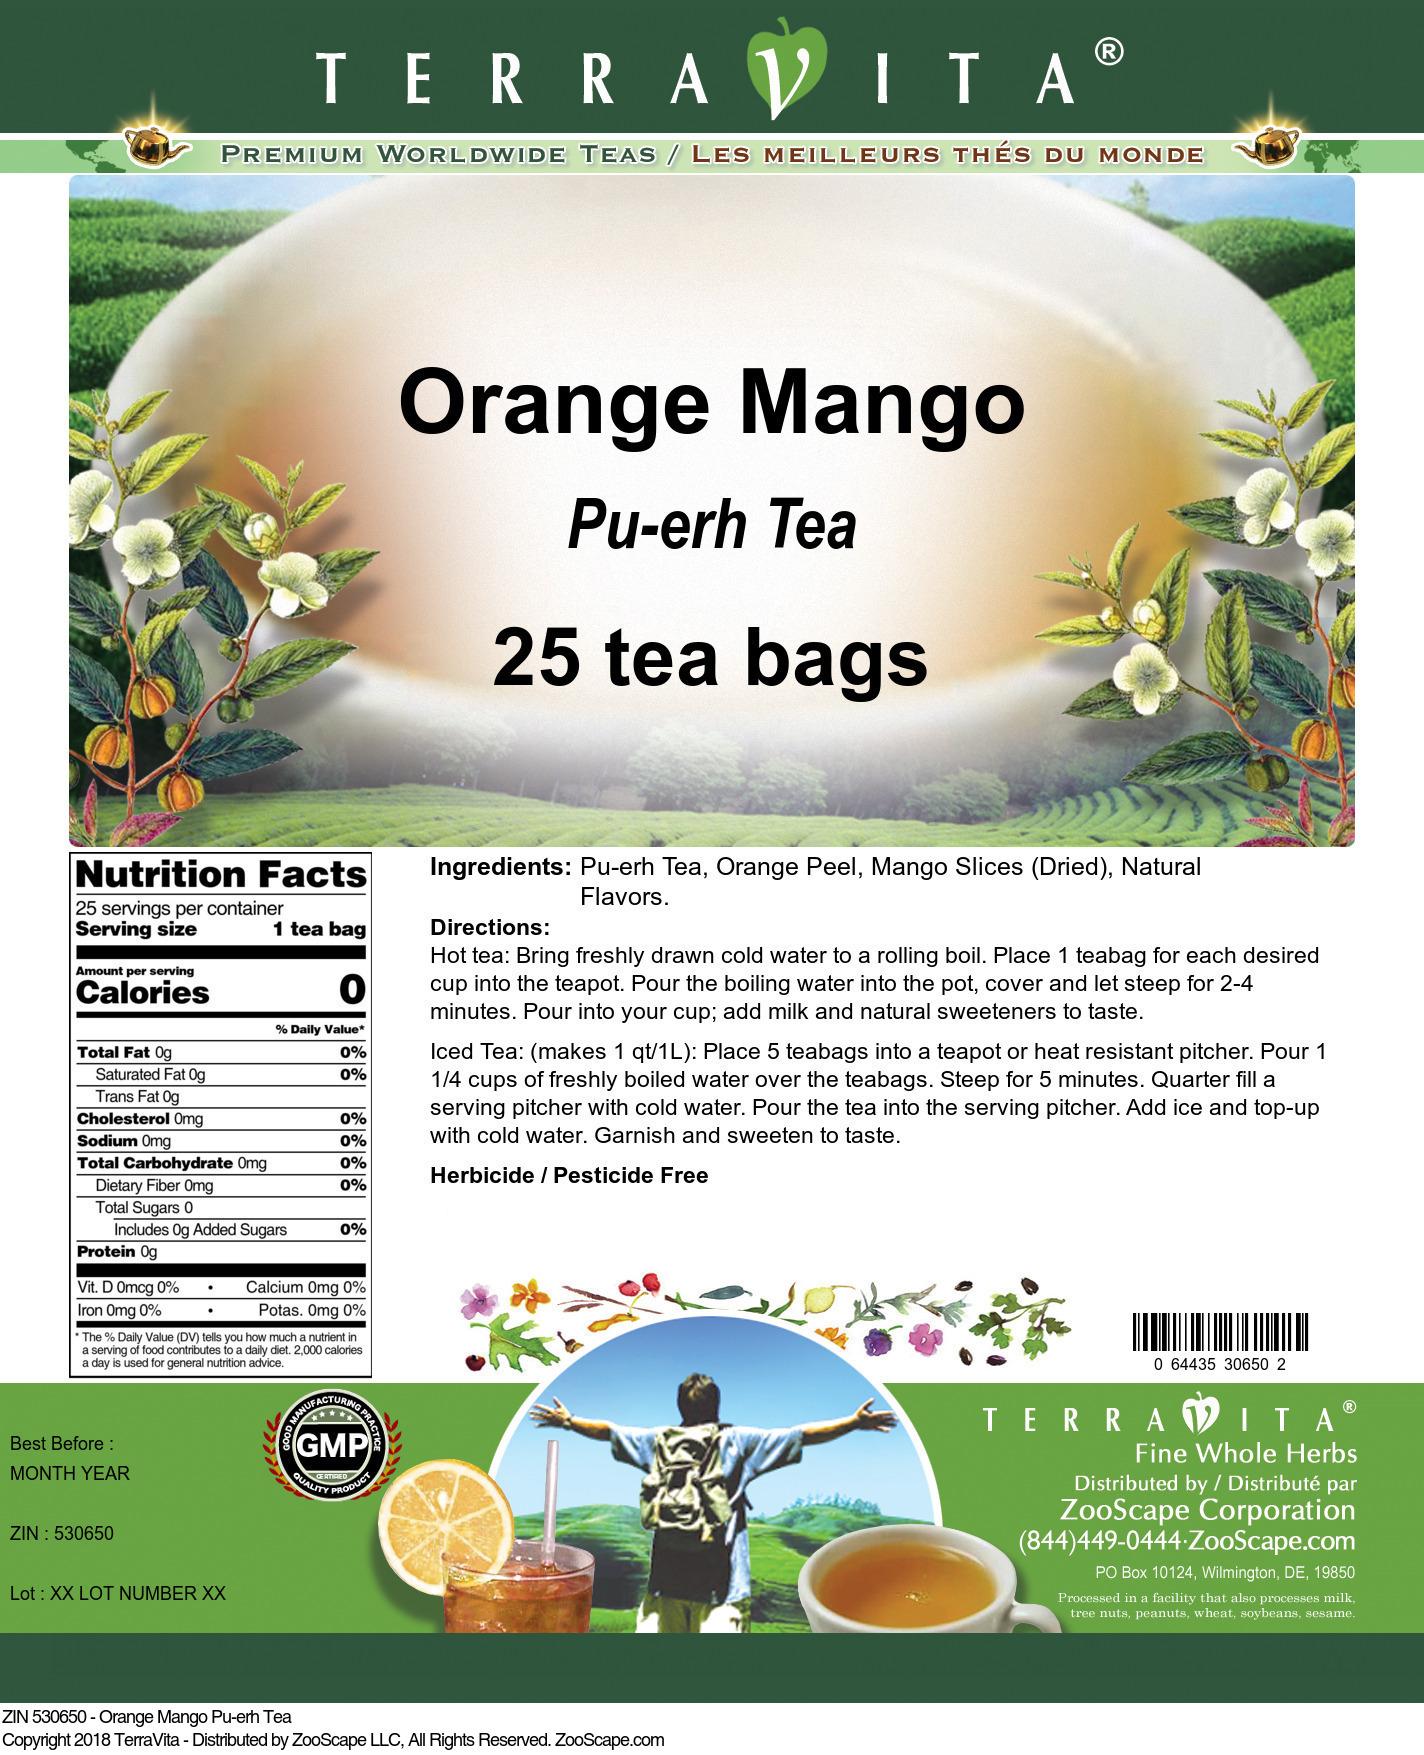 Orange Mango Pu-erh Tea